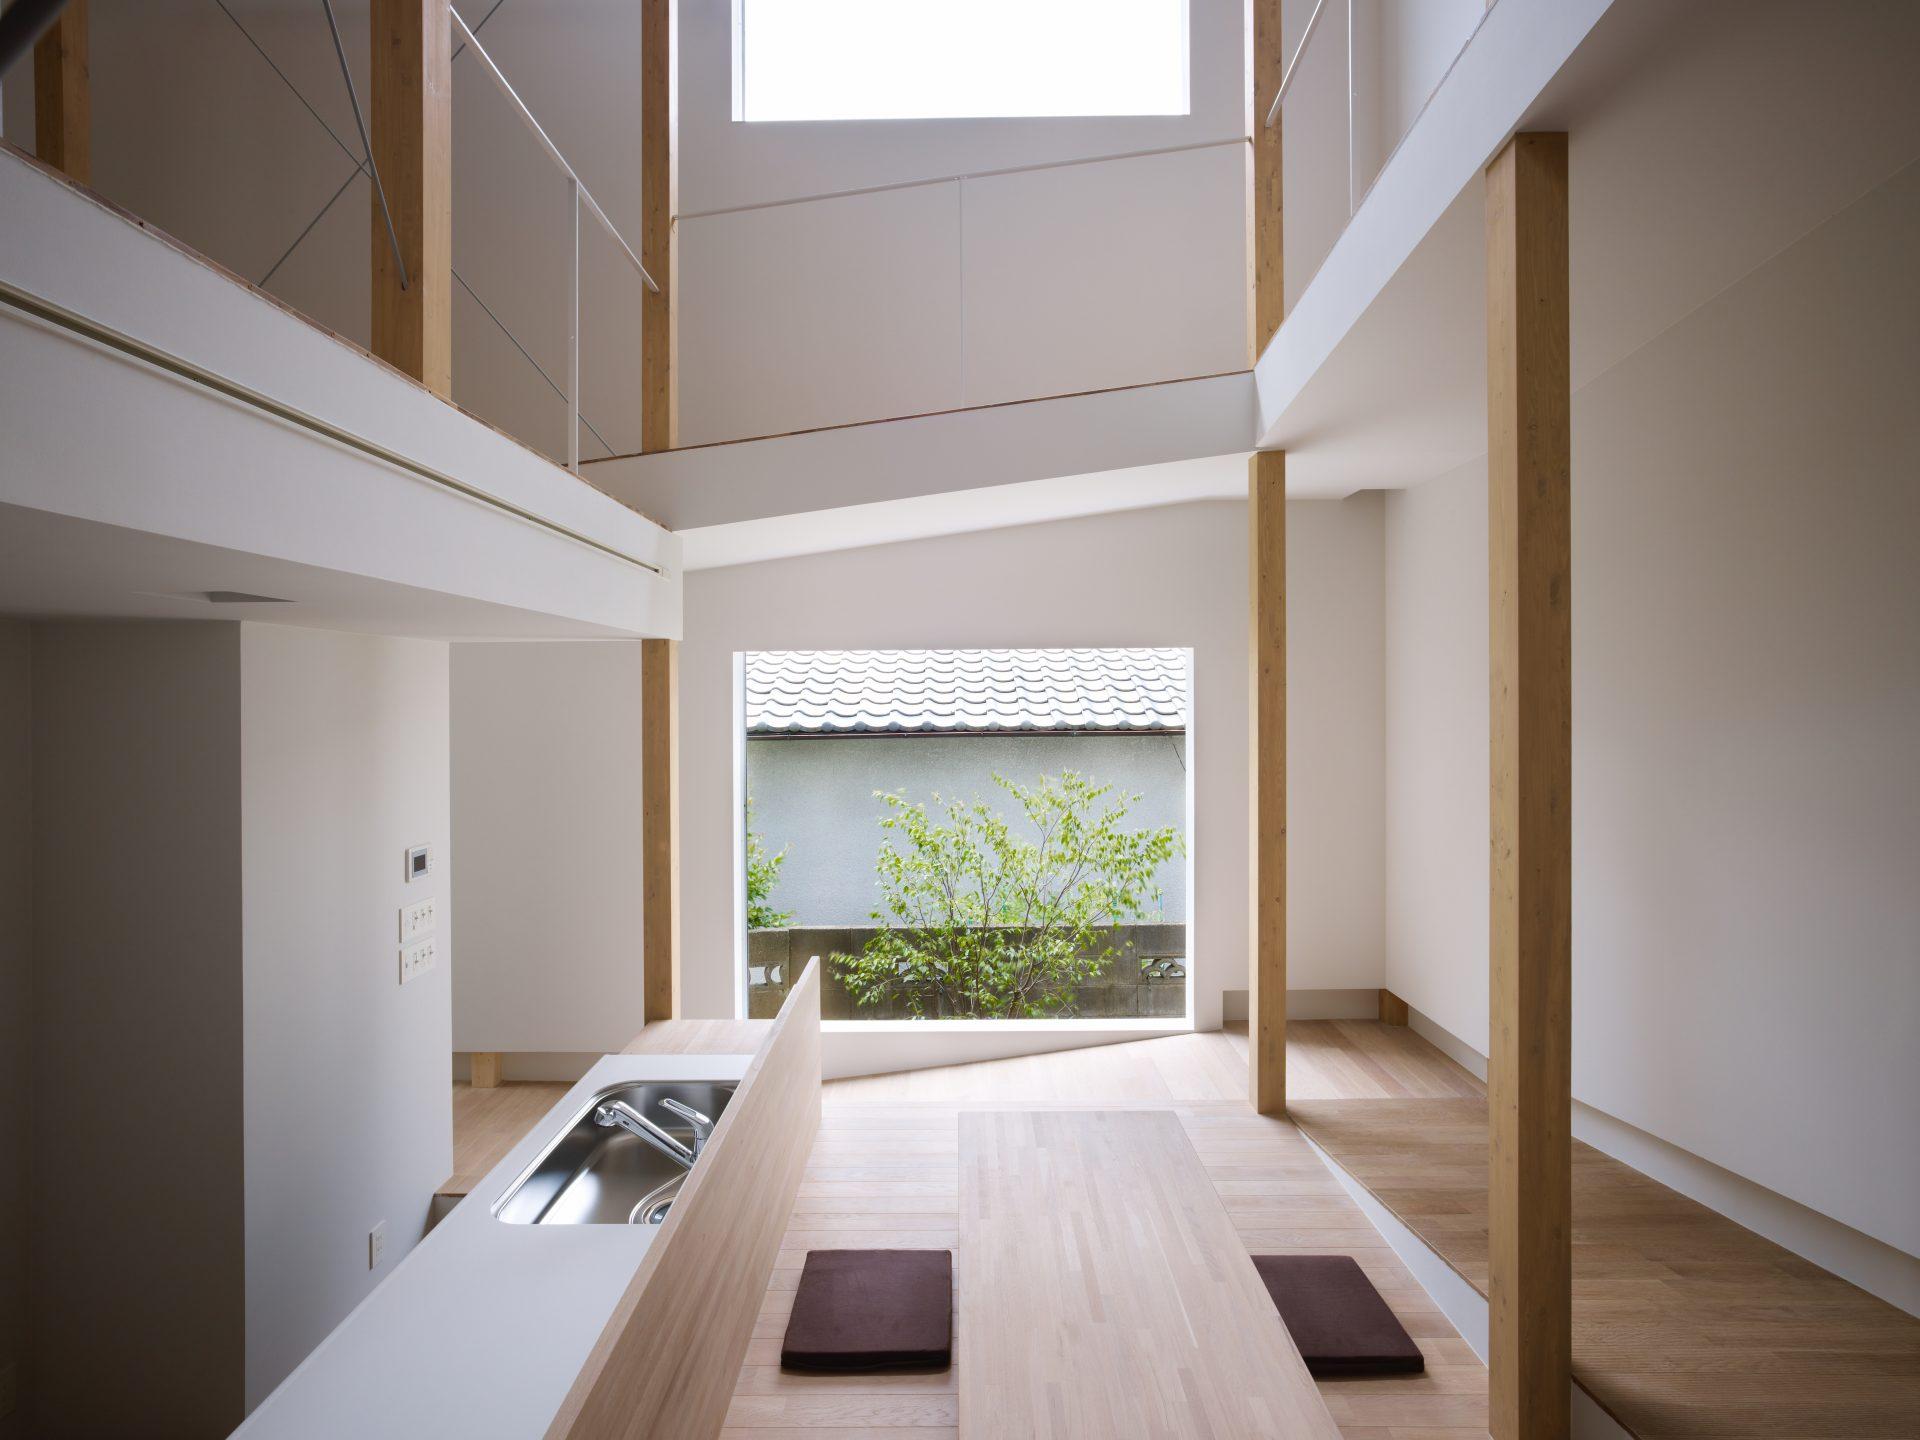 大阪スロープの家のダイニングキッチン01